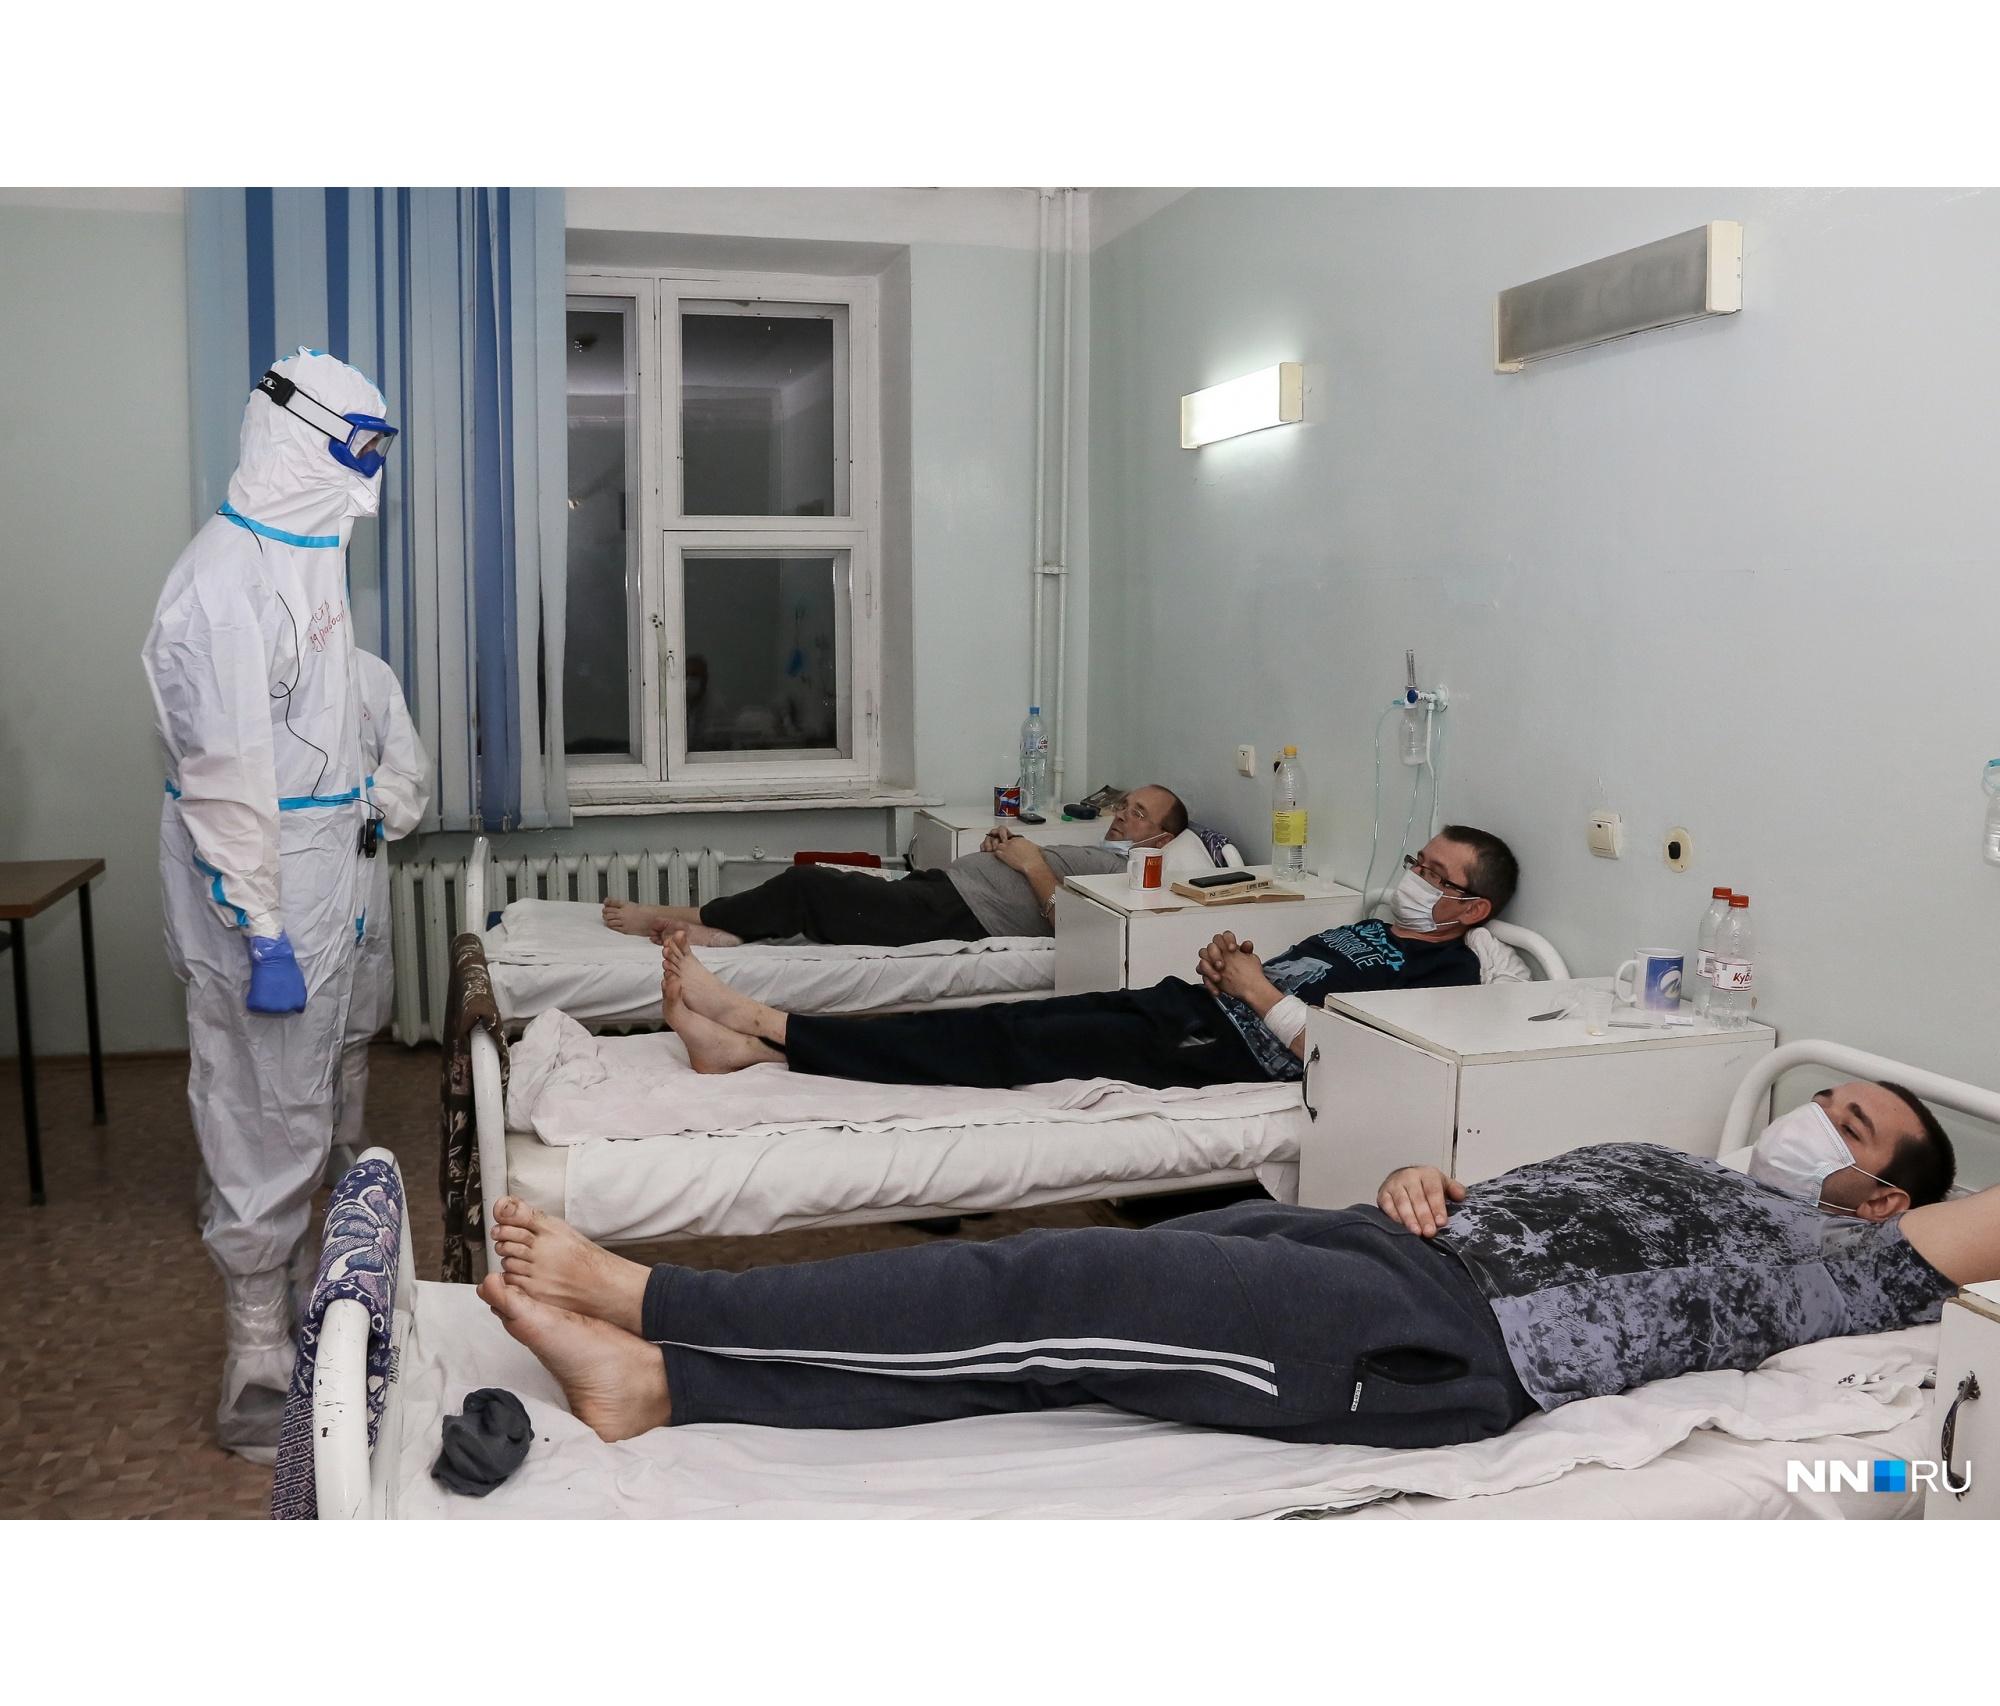 Мелик-Гусейнов делает ставку на вакцинацию